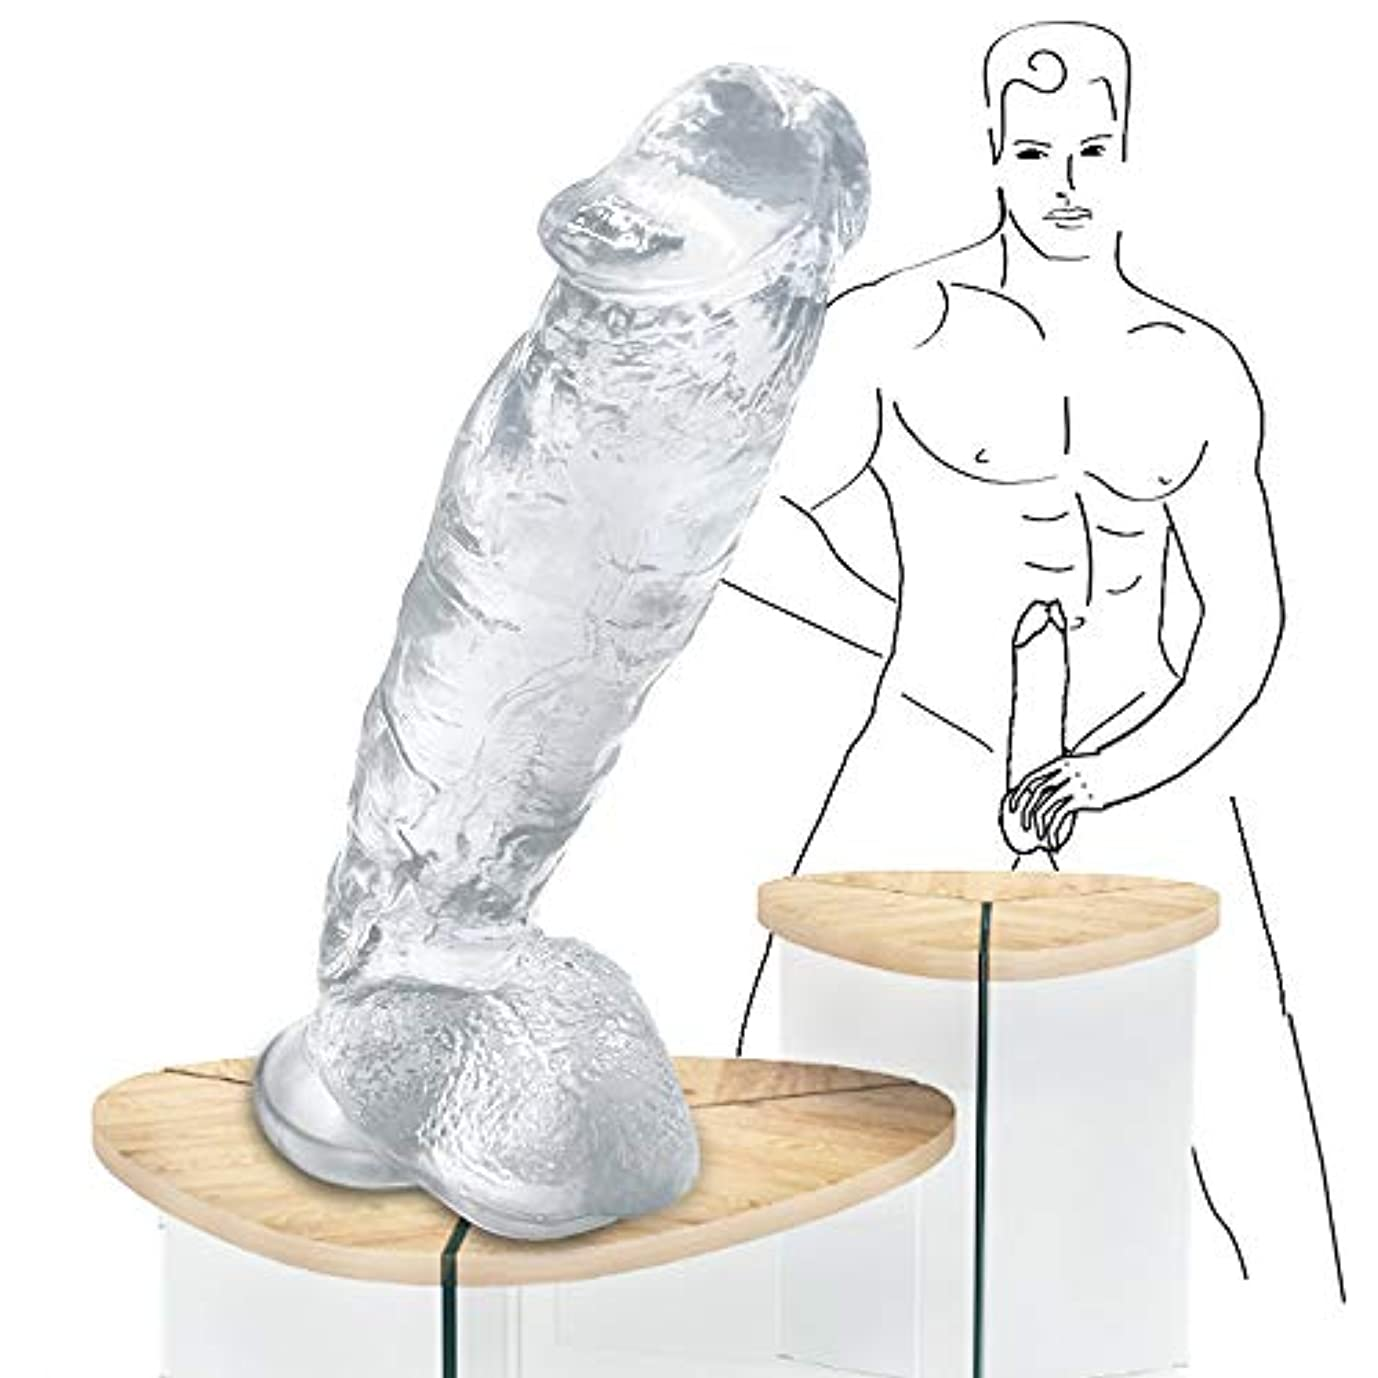 ぶどう寝具ラフト男性の巨大な胴体、超大型ボディマッサージ、大規模な個人的なリラックスマッサージスティック - 透明